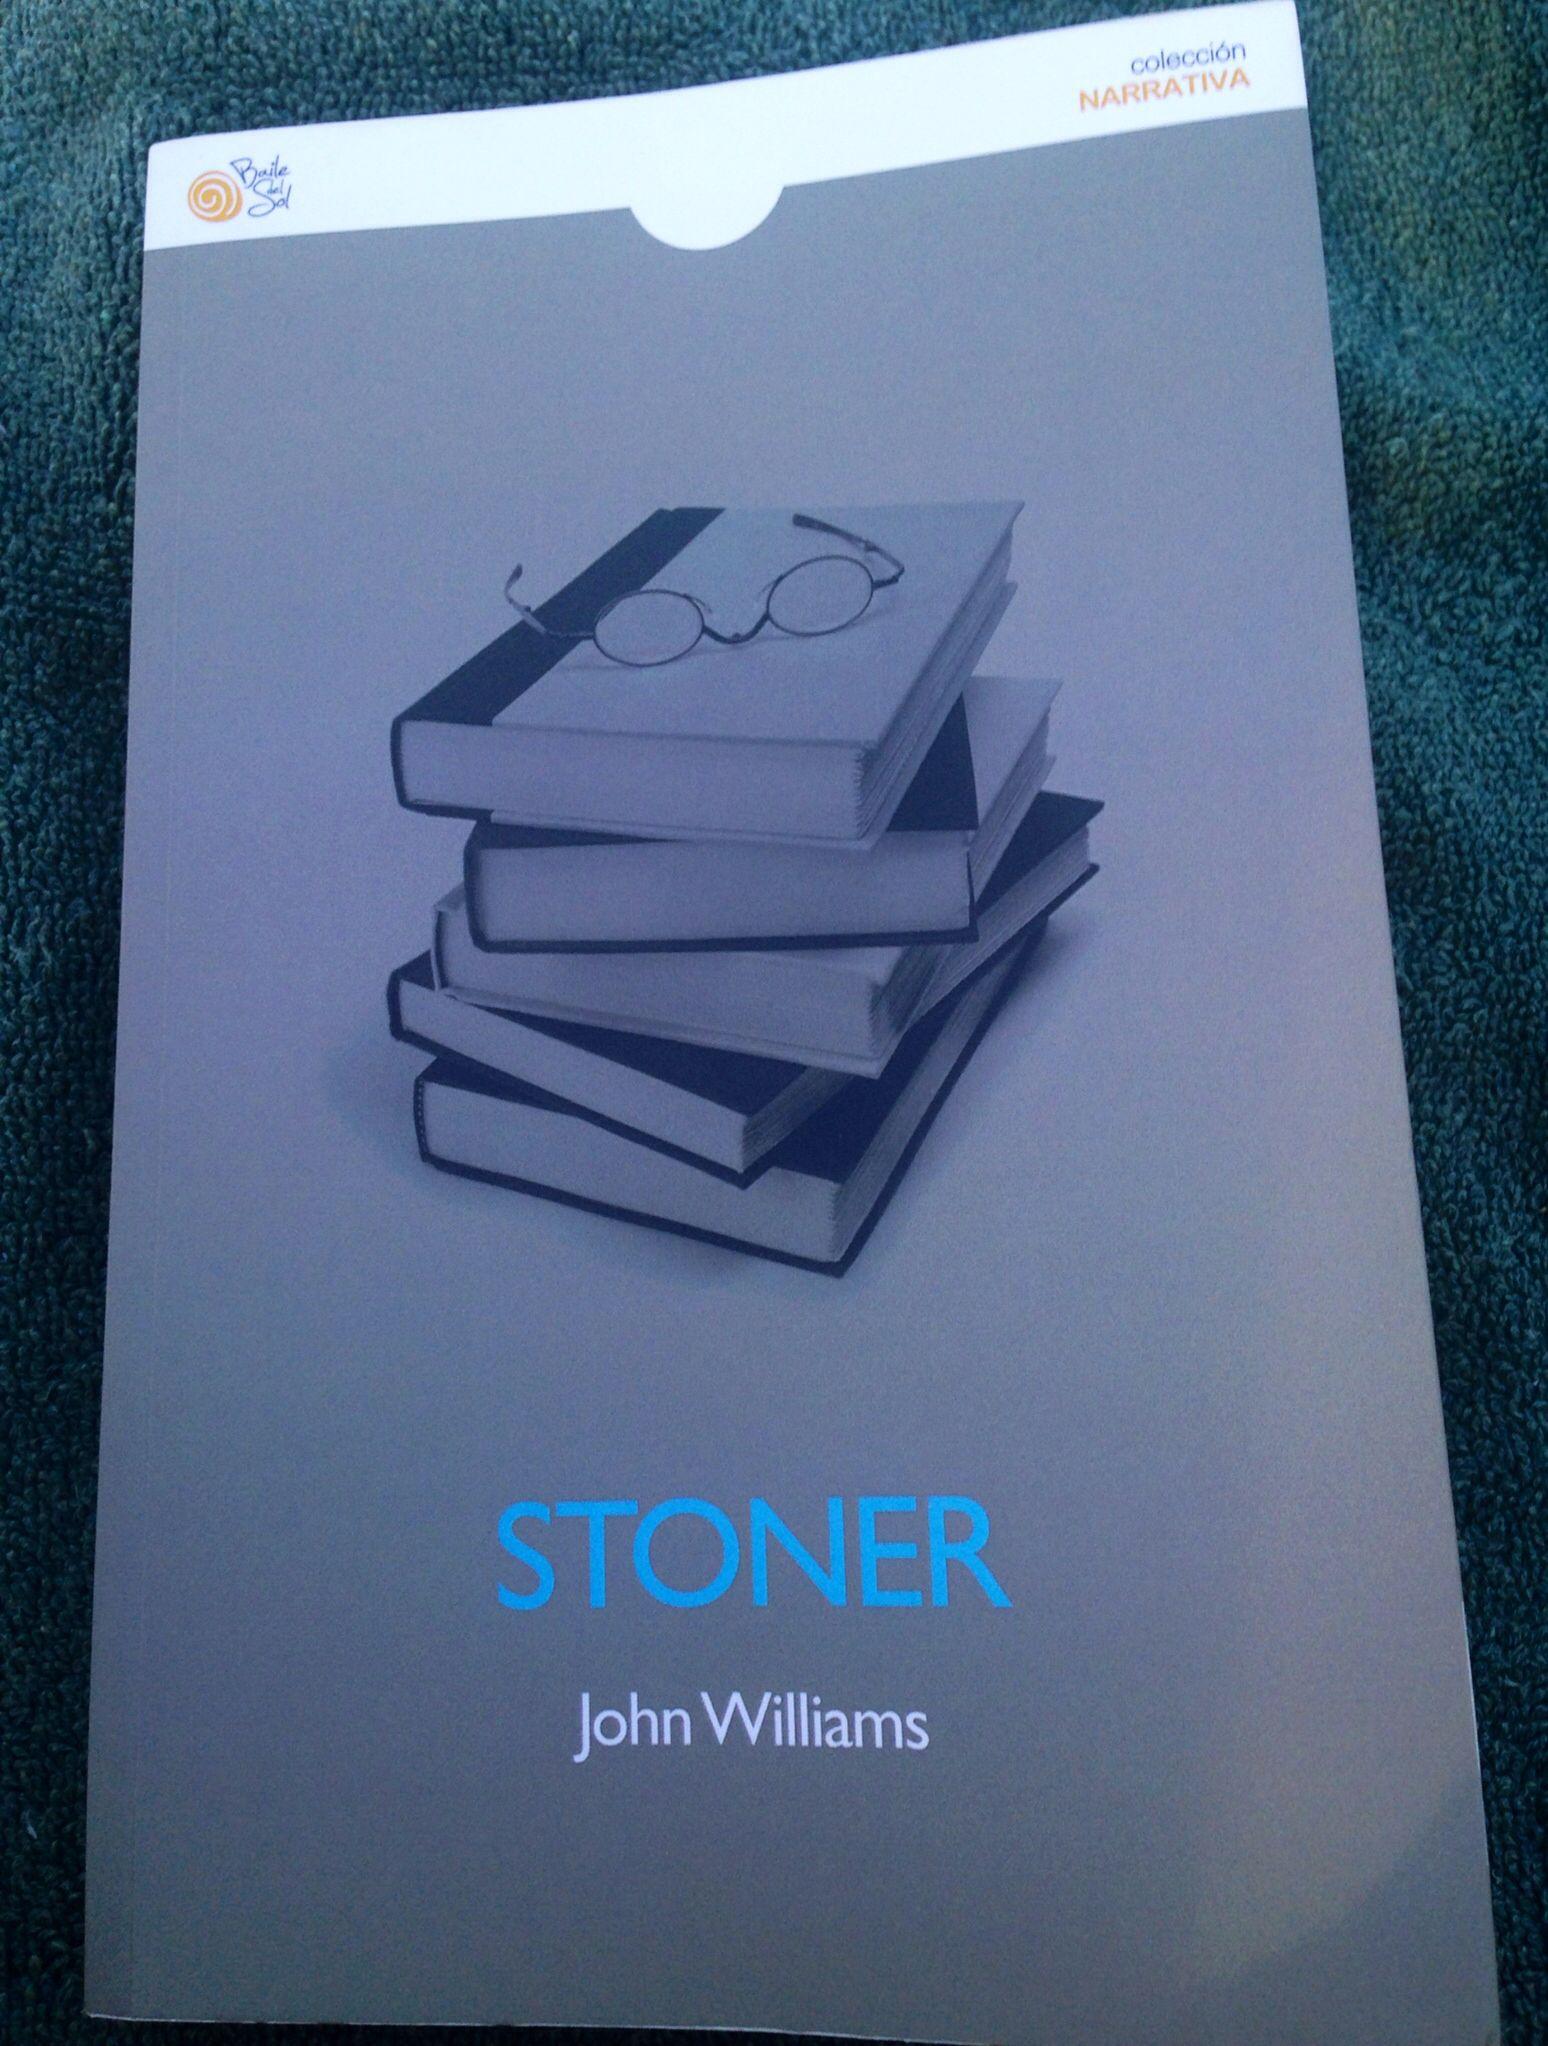 """""""Stoner"""" de John Williams, un personaje inolvidable, la voz de un profesor de la universidad de Misuri a principios del siglo XX. Una novela con una carga de profundidad asombrosa, en la que parece que no pasa nada. Una delicia sobre los principios, los valores y la integridad del ser humano."""